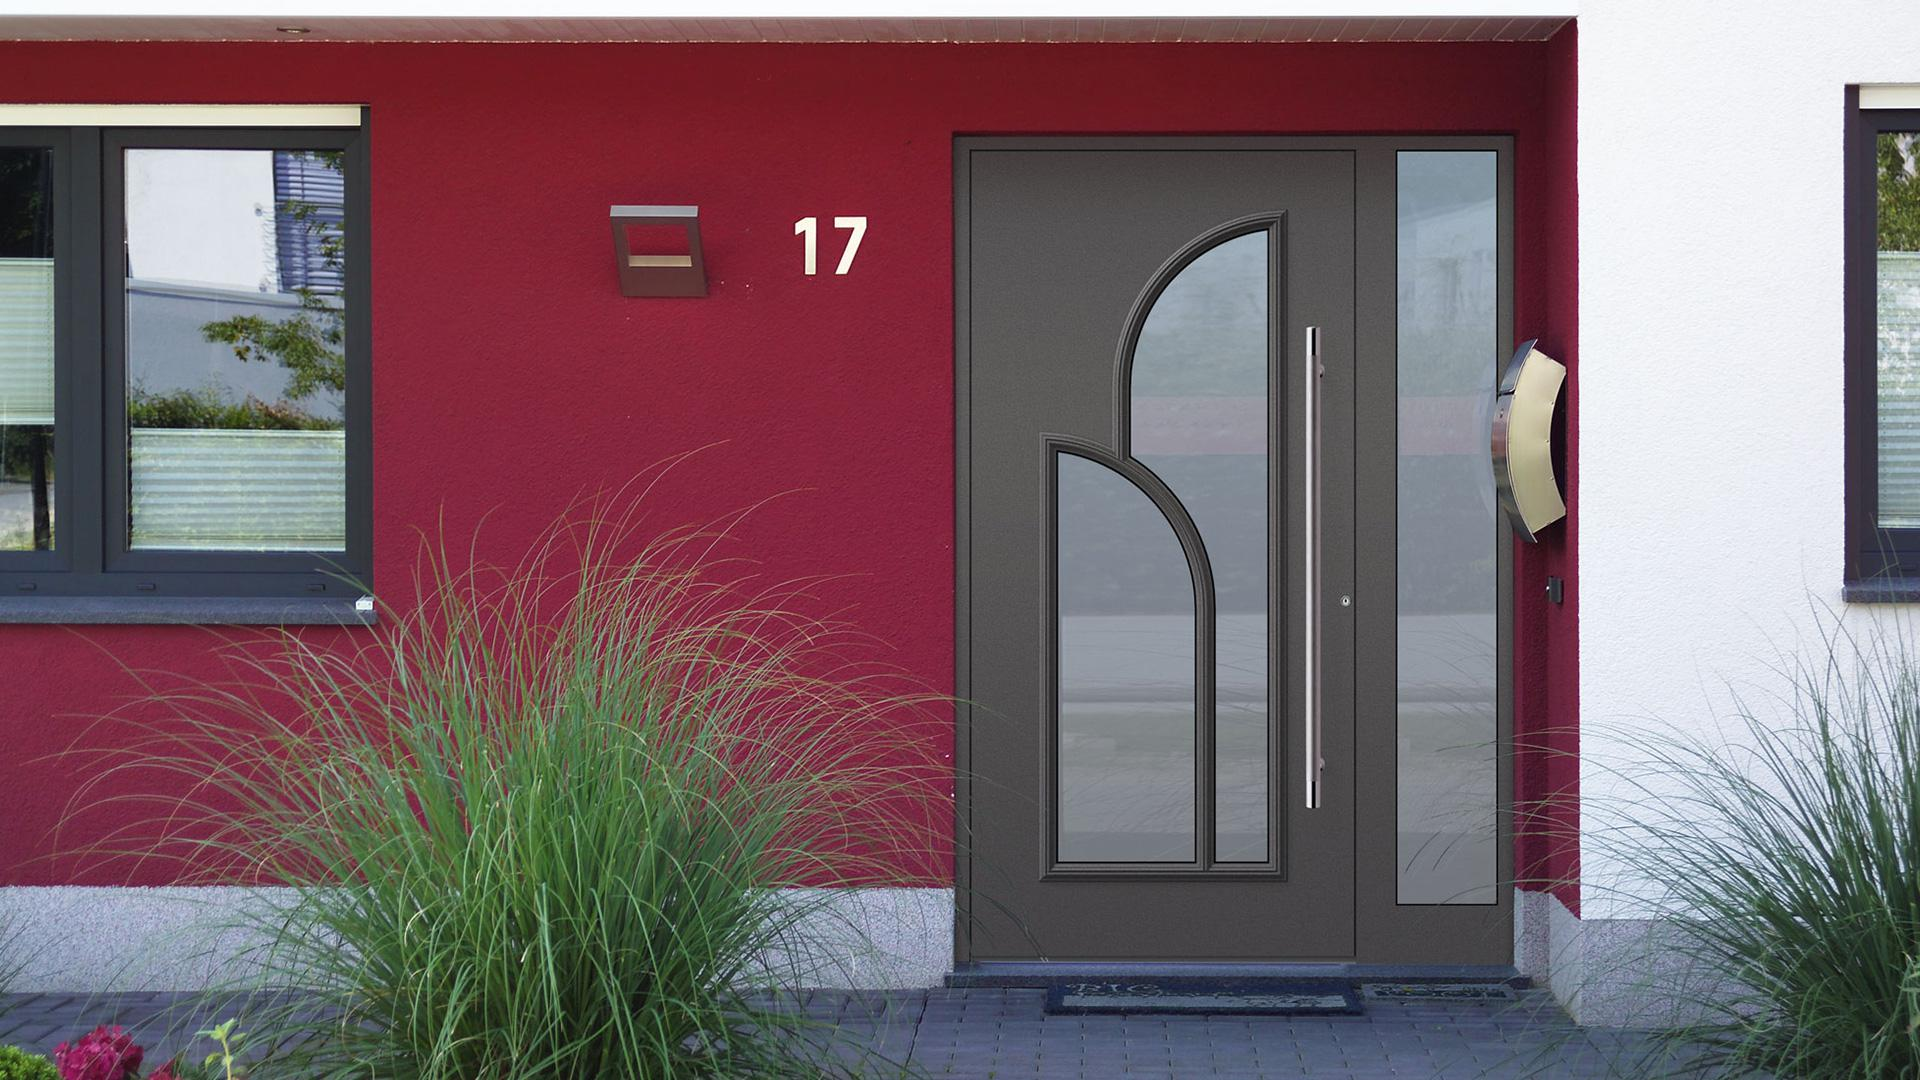 Kompotherm Haustür im Dürer-Design in roter Fassade